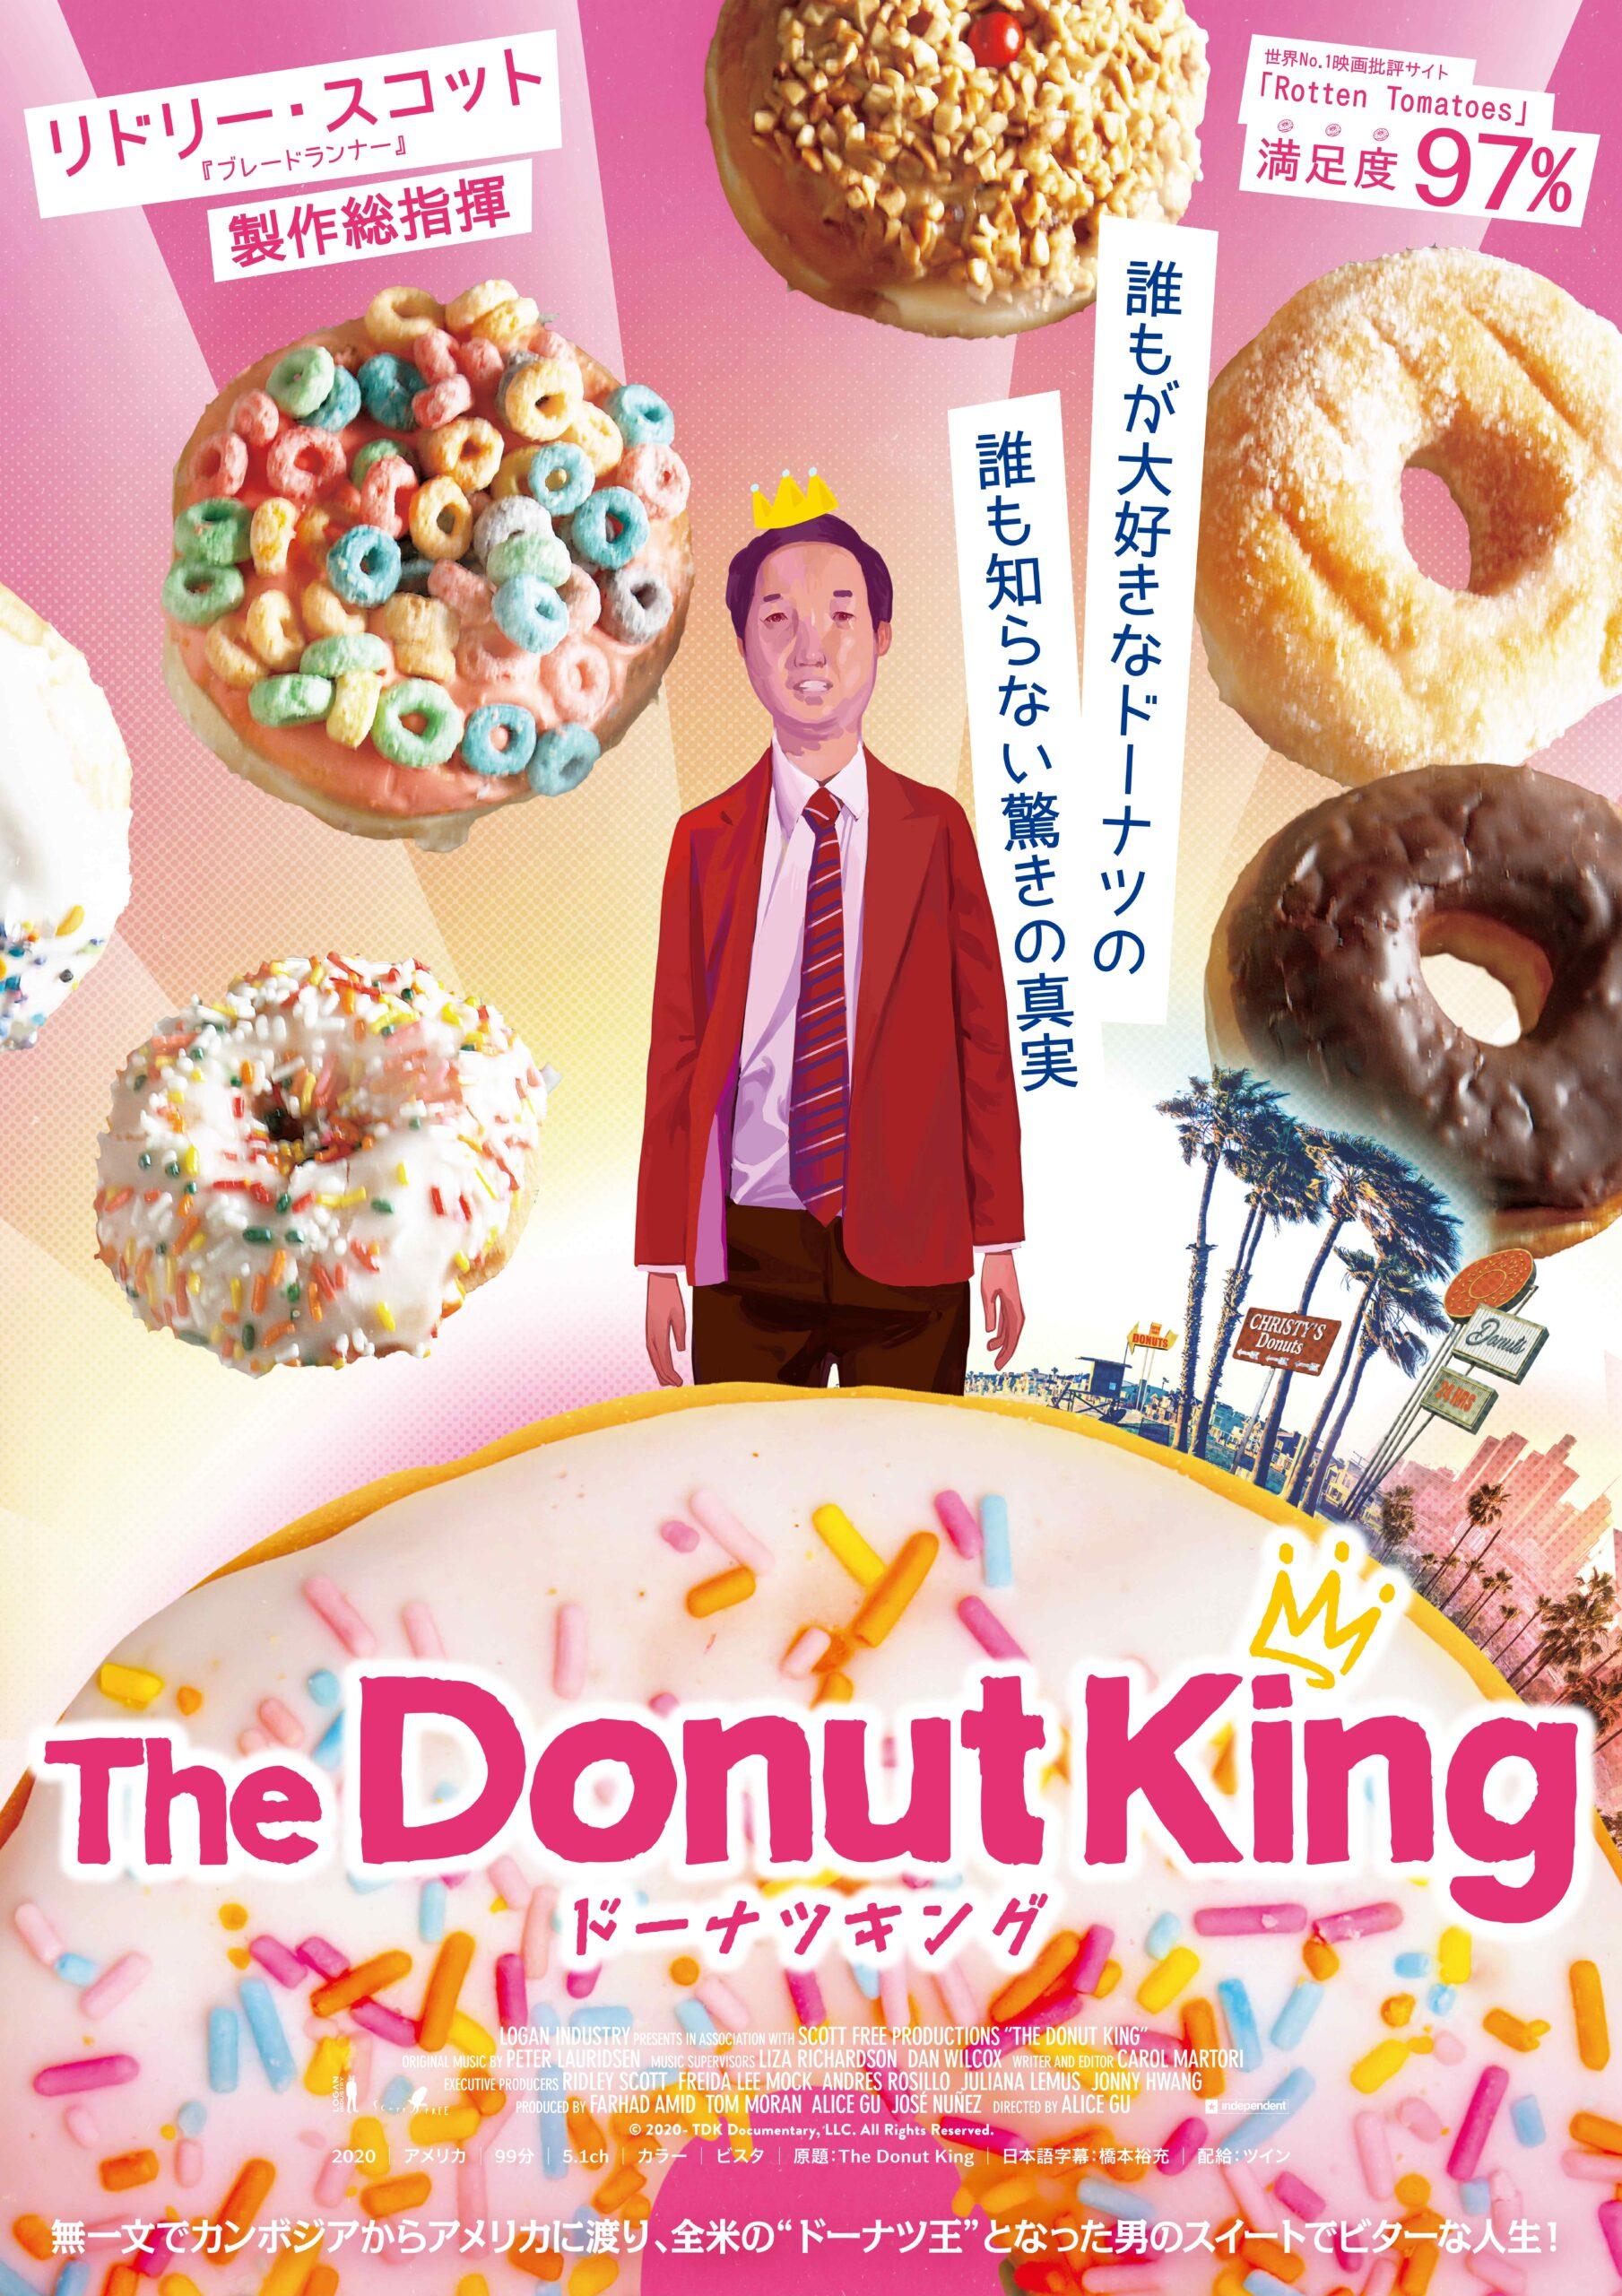 生き抜くためにドーナツにすべてを捧げた男の数奇な人生とは——『ドーナツキング』予告編が解禁